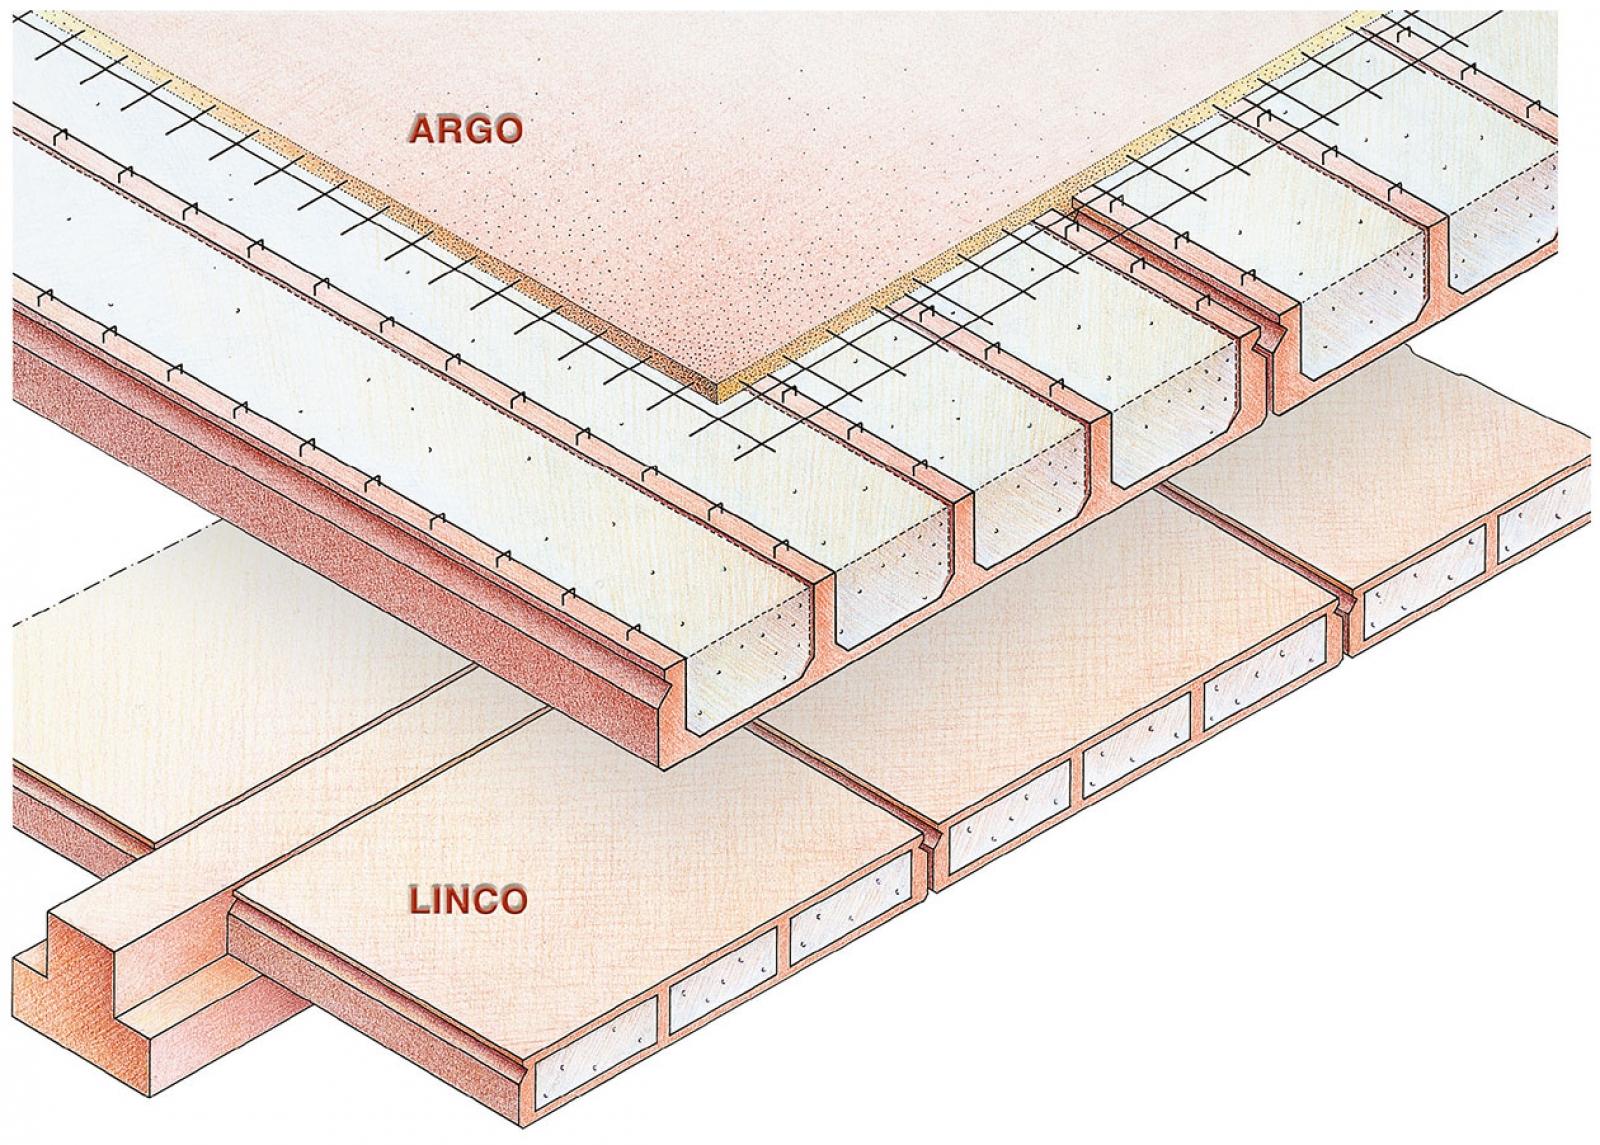 Argo e Linco